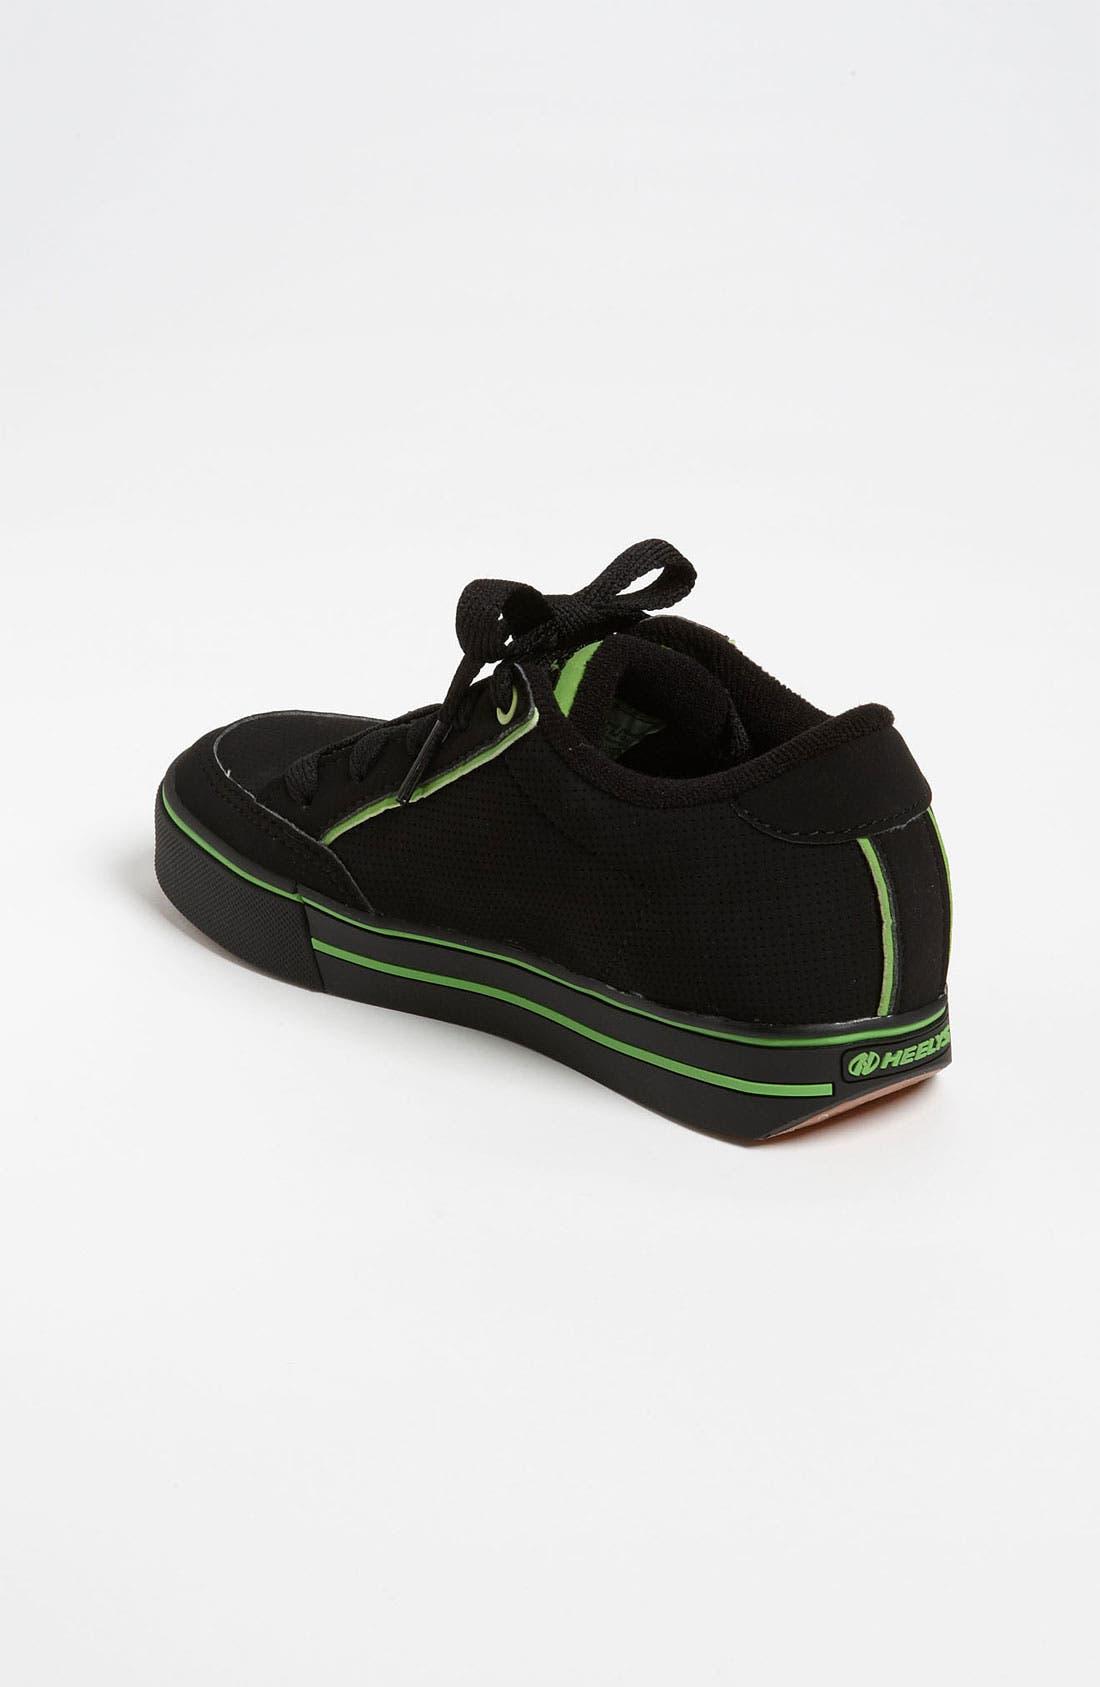 Alternate Image 2  - Heelys 'Wave' Skate Shoe (Toddler, Little Kids & Big Kids)